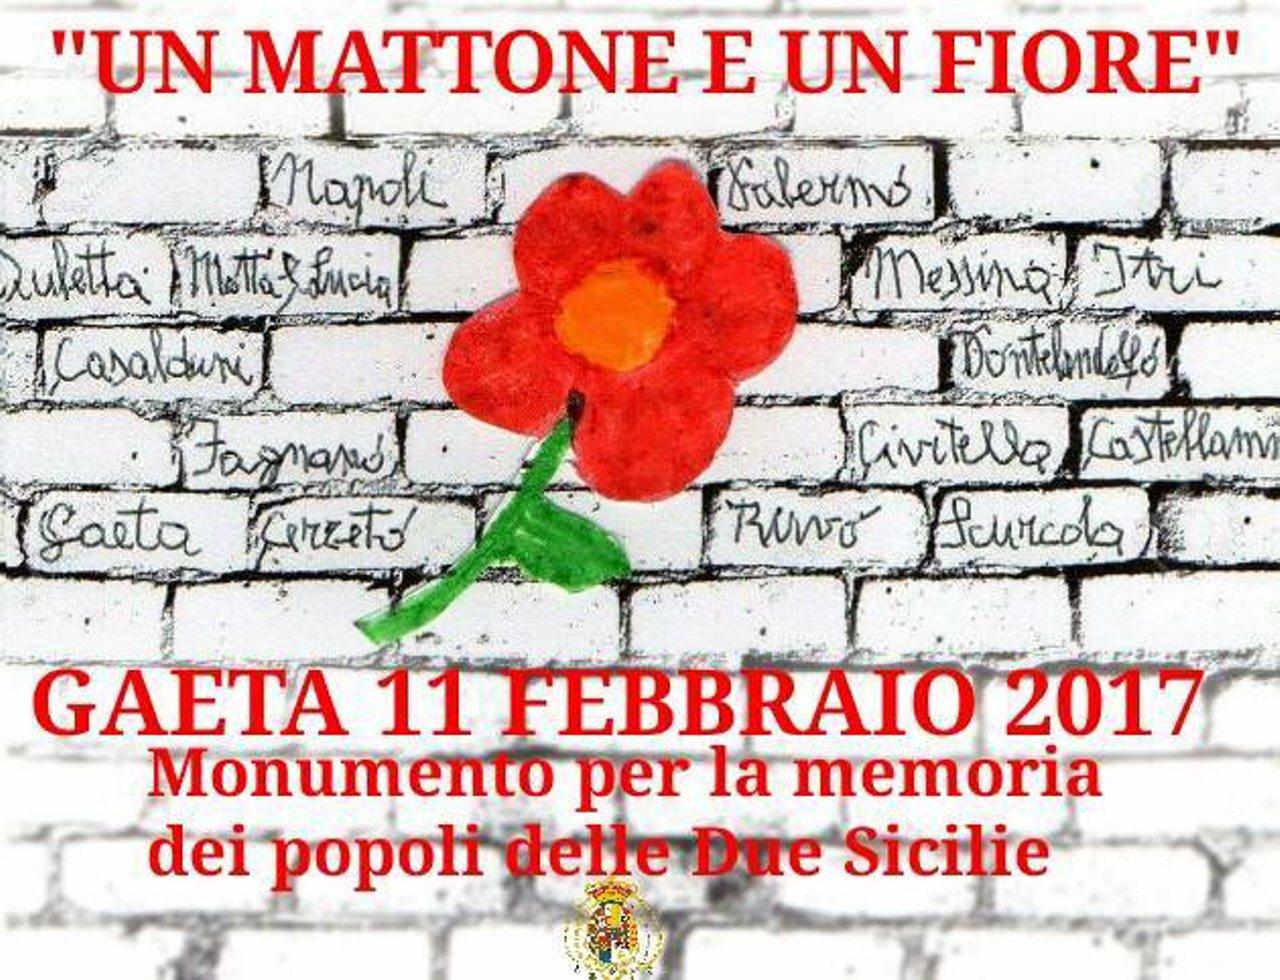 gaeta-muro-della-memoria001